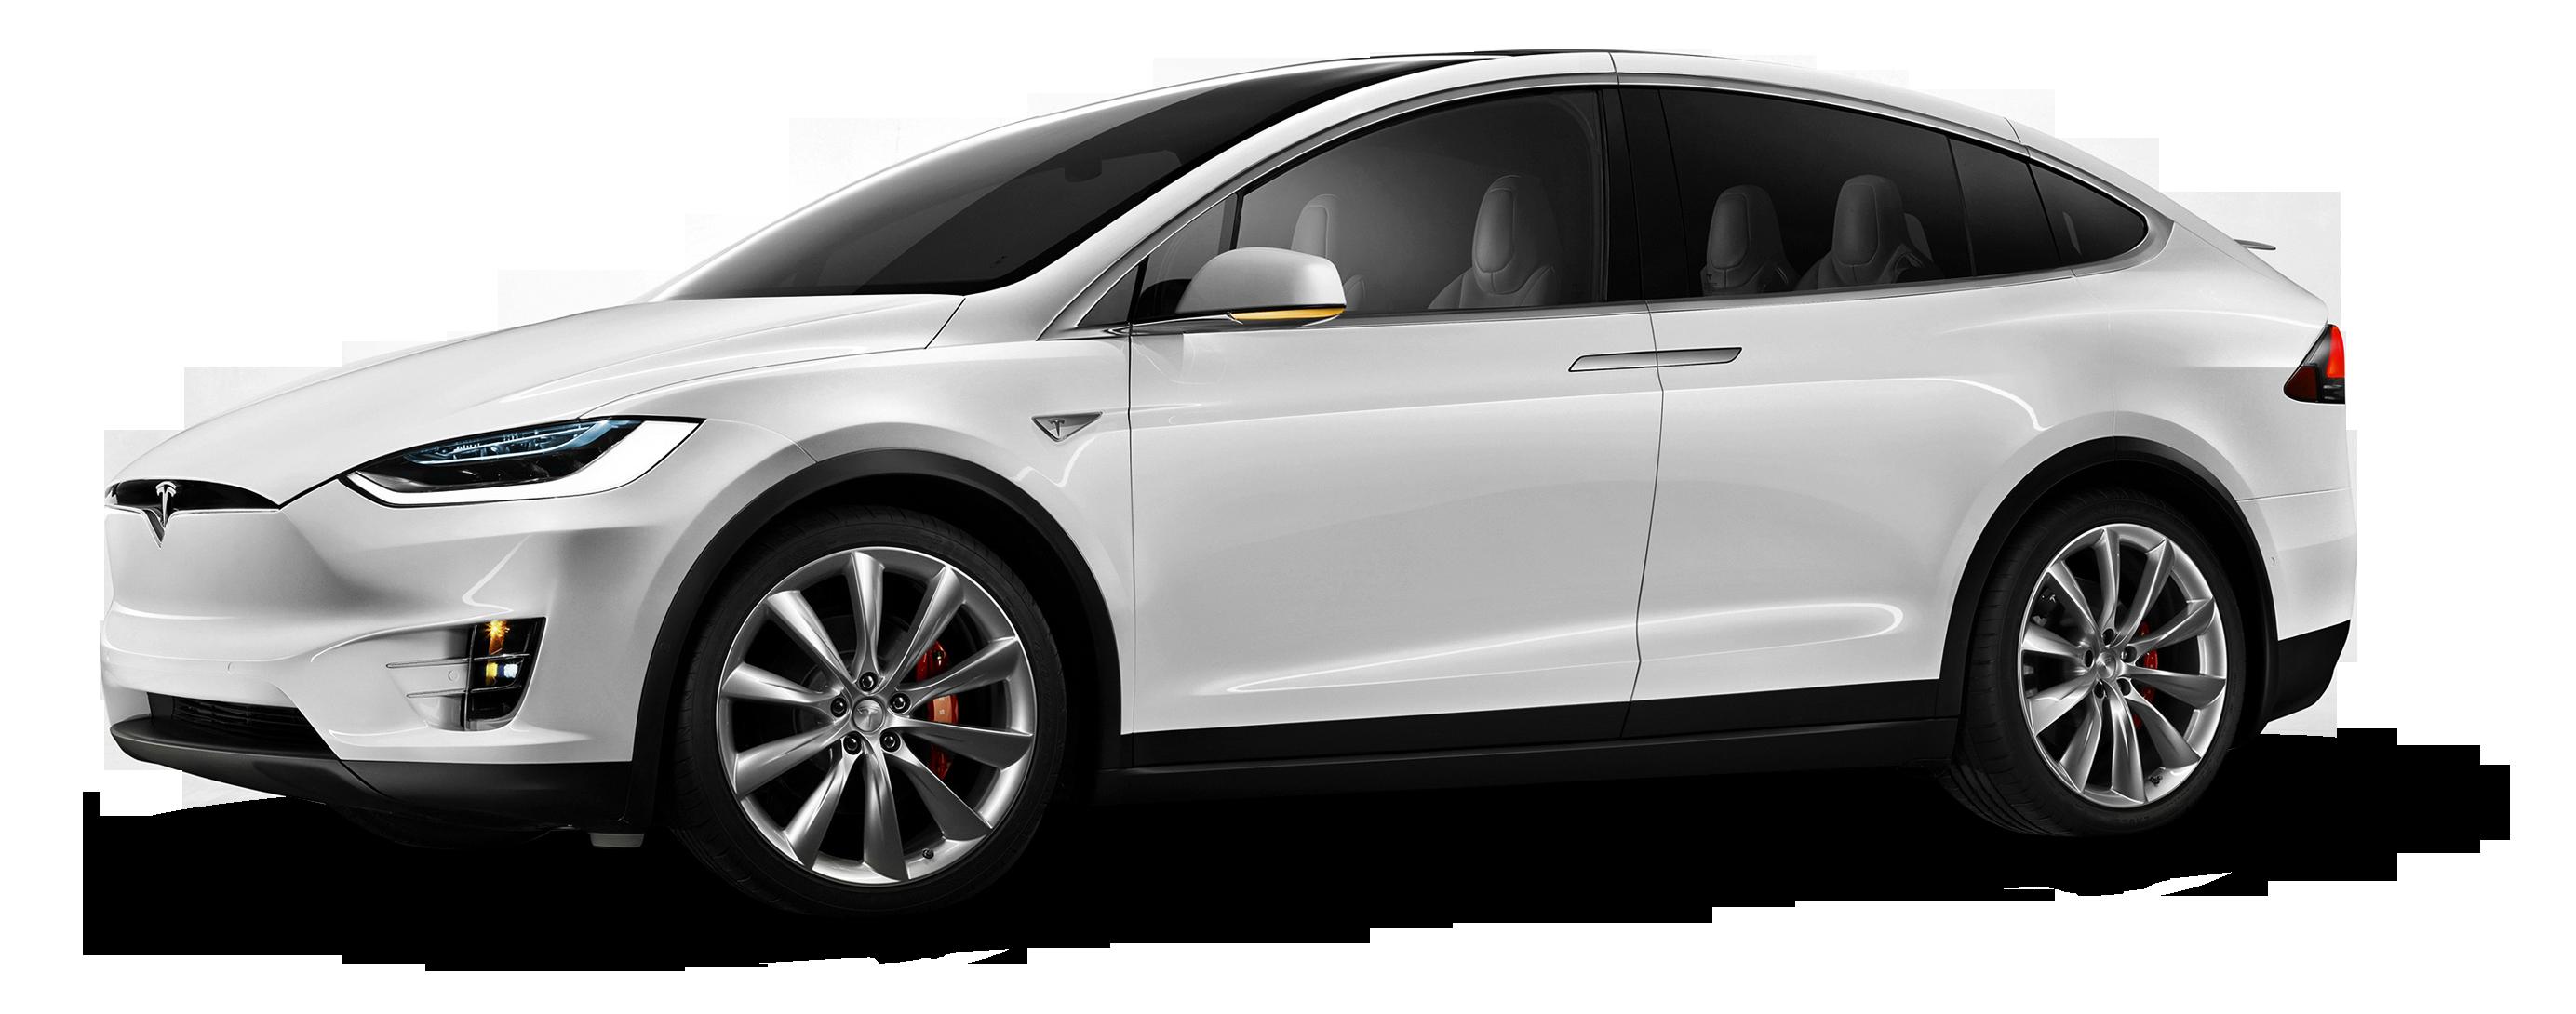 Tesla PNG Free Download - Tesla PNG